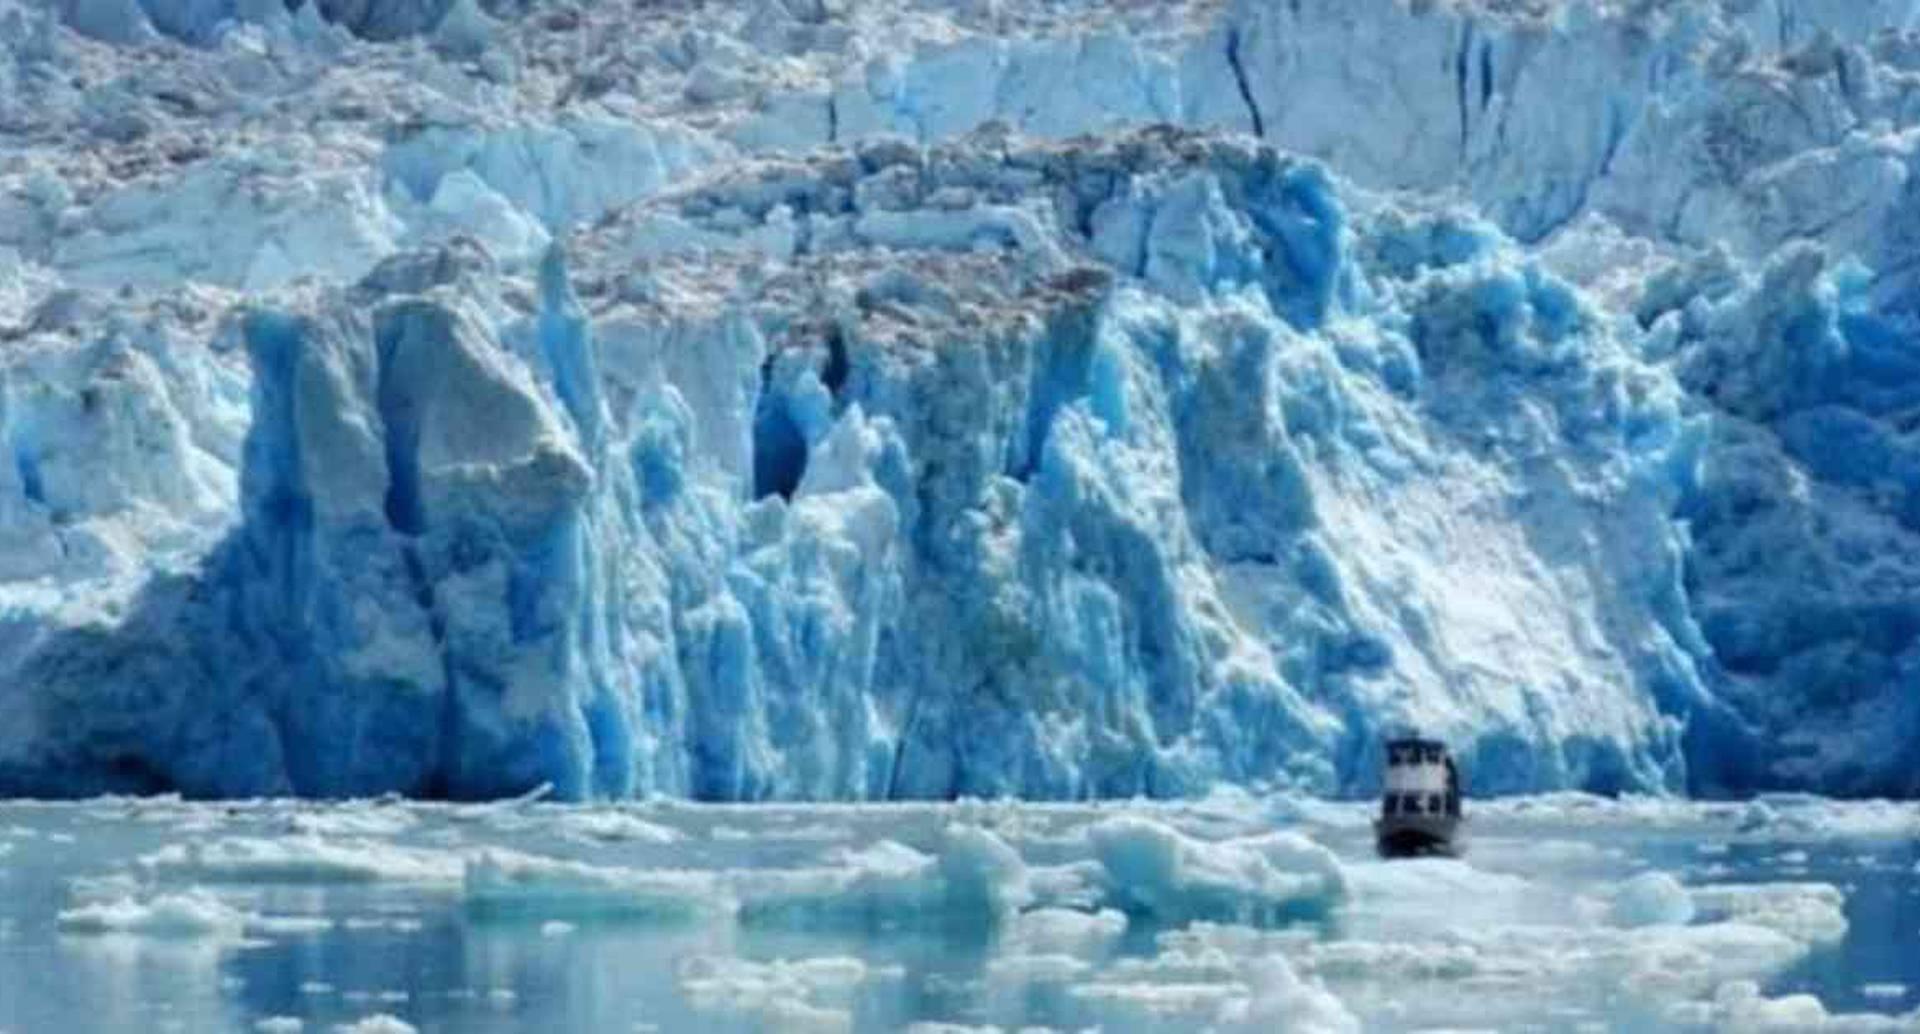 El calentamiento global actual es más rápido y más amplio geográficamente que ningún cambio ocurrido en los dos últimos milenios. Foto: GETTY IMAGES vía BBC.